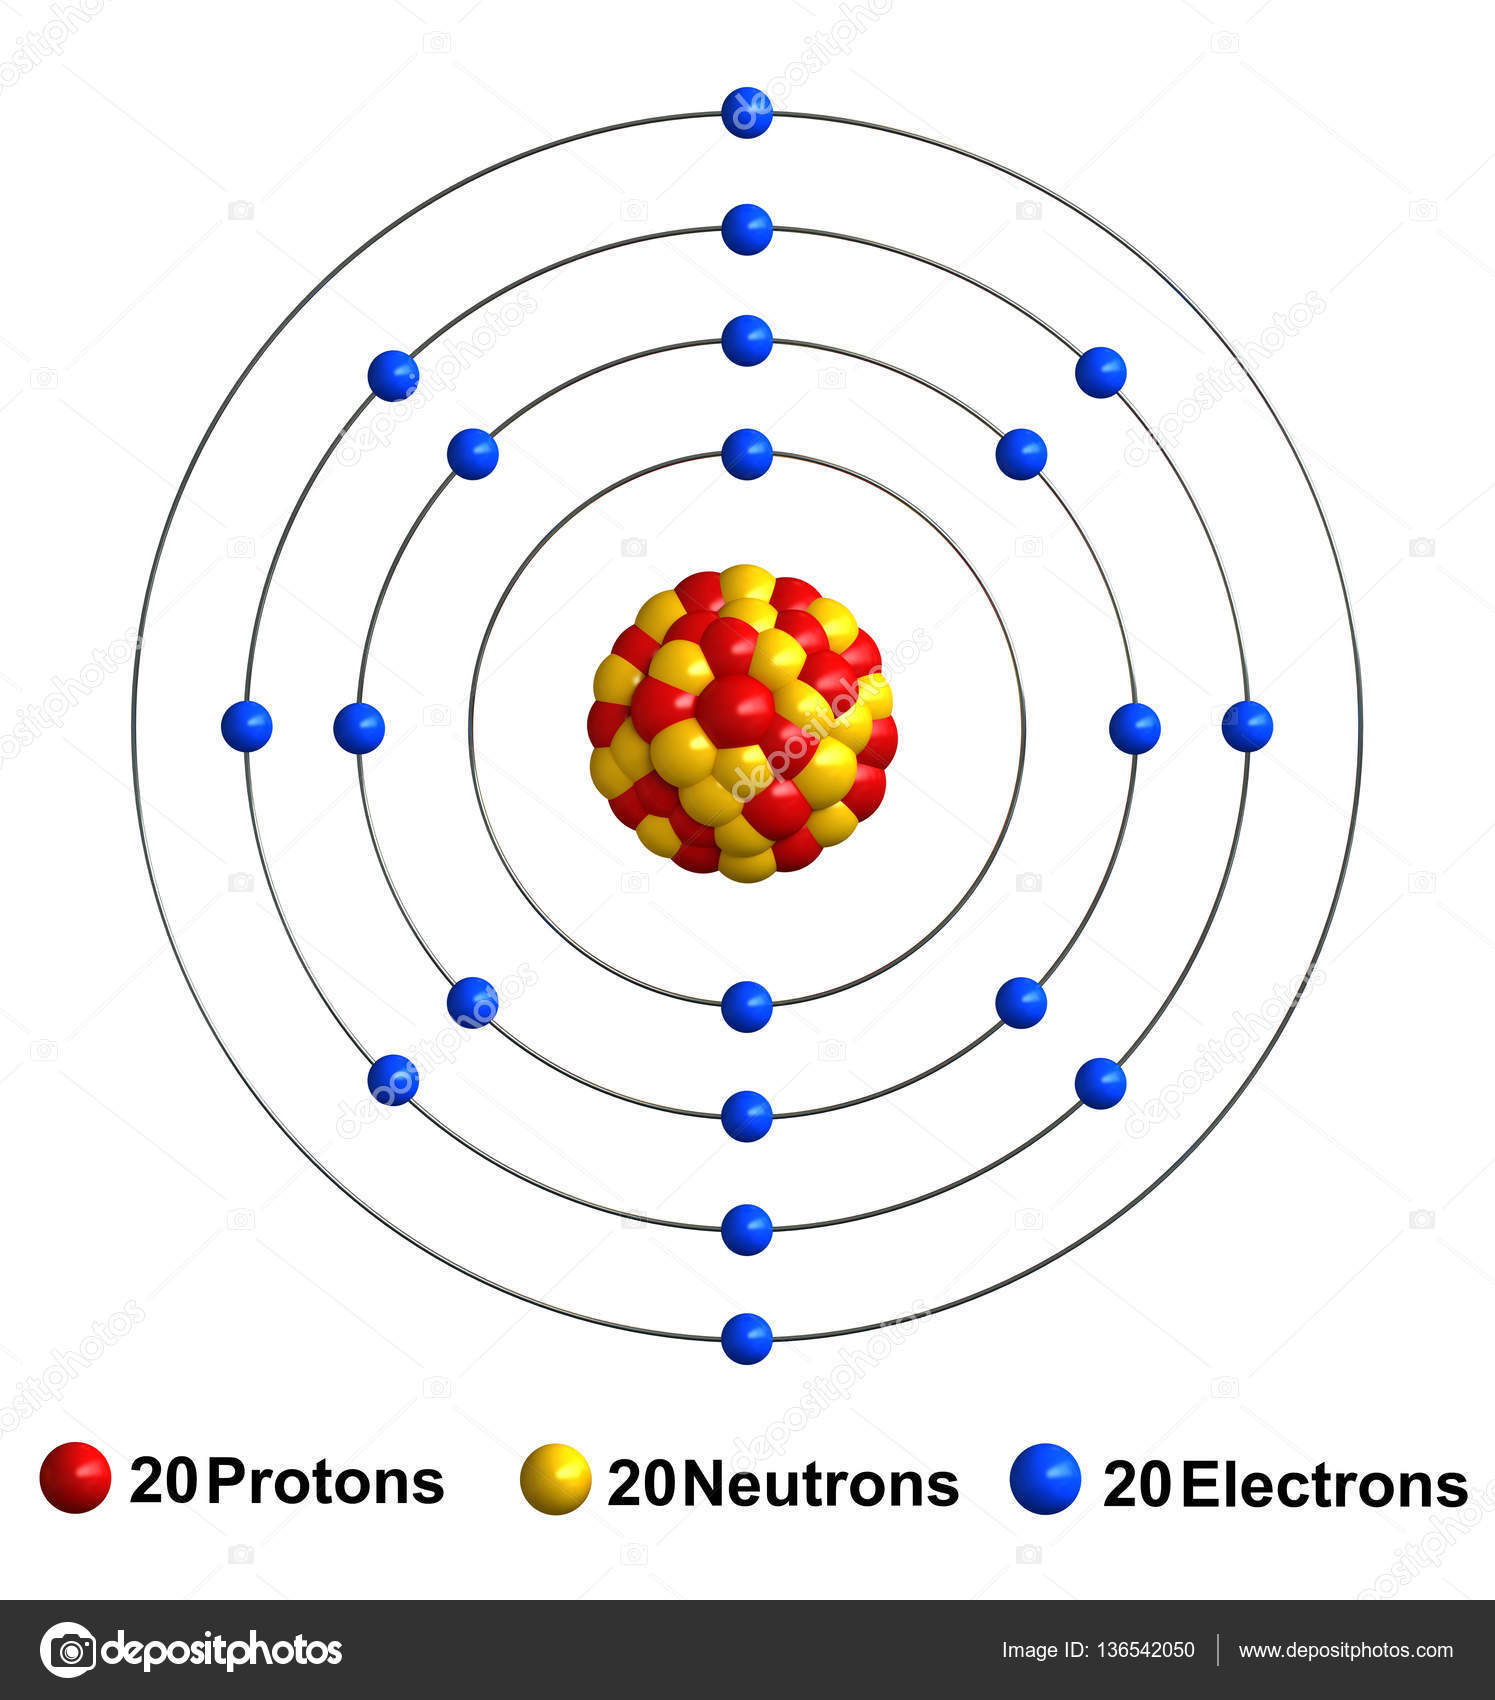 bohr diagram for calcium chloride wiring diagram libraryatom diagram for  calcium electrical wiring diagrams bohr diagram